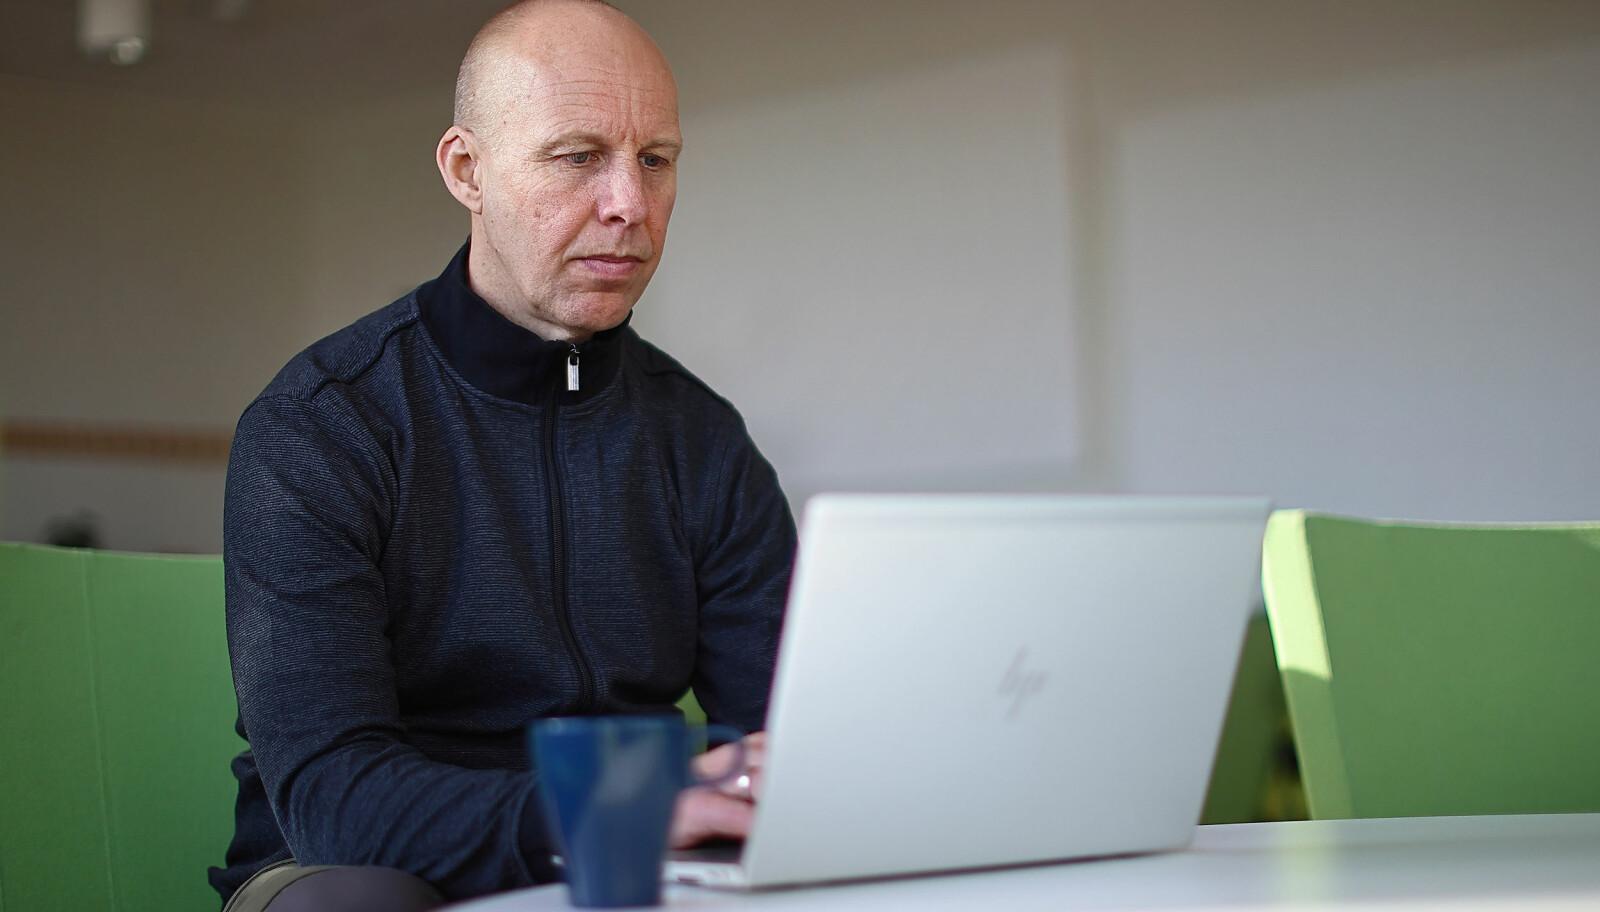 Holgersson er for tiden i pappapermisjon. Men tiden frem til den var turbulent. Nå vet han heller ikke hvordan fremtiden ser ut. For fotograferingens skyld var han tilbake på Linköpings universitets campus i Norrköping.